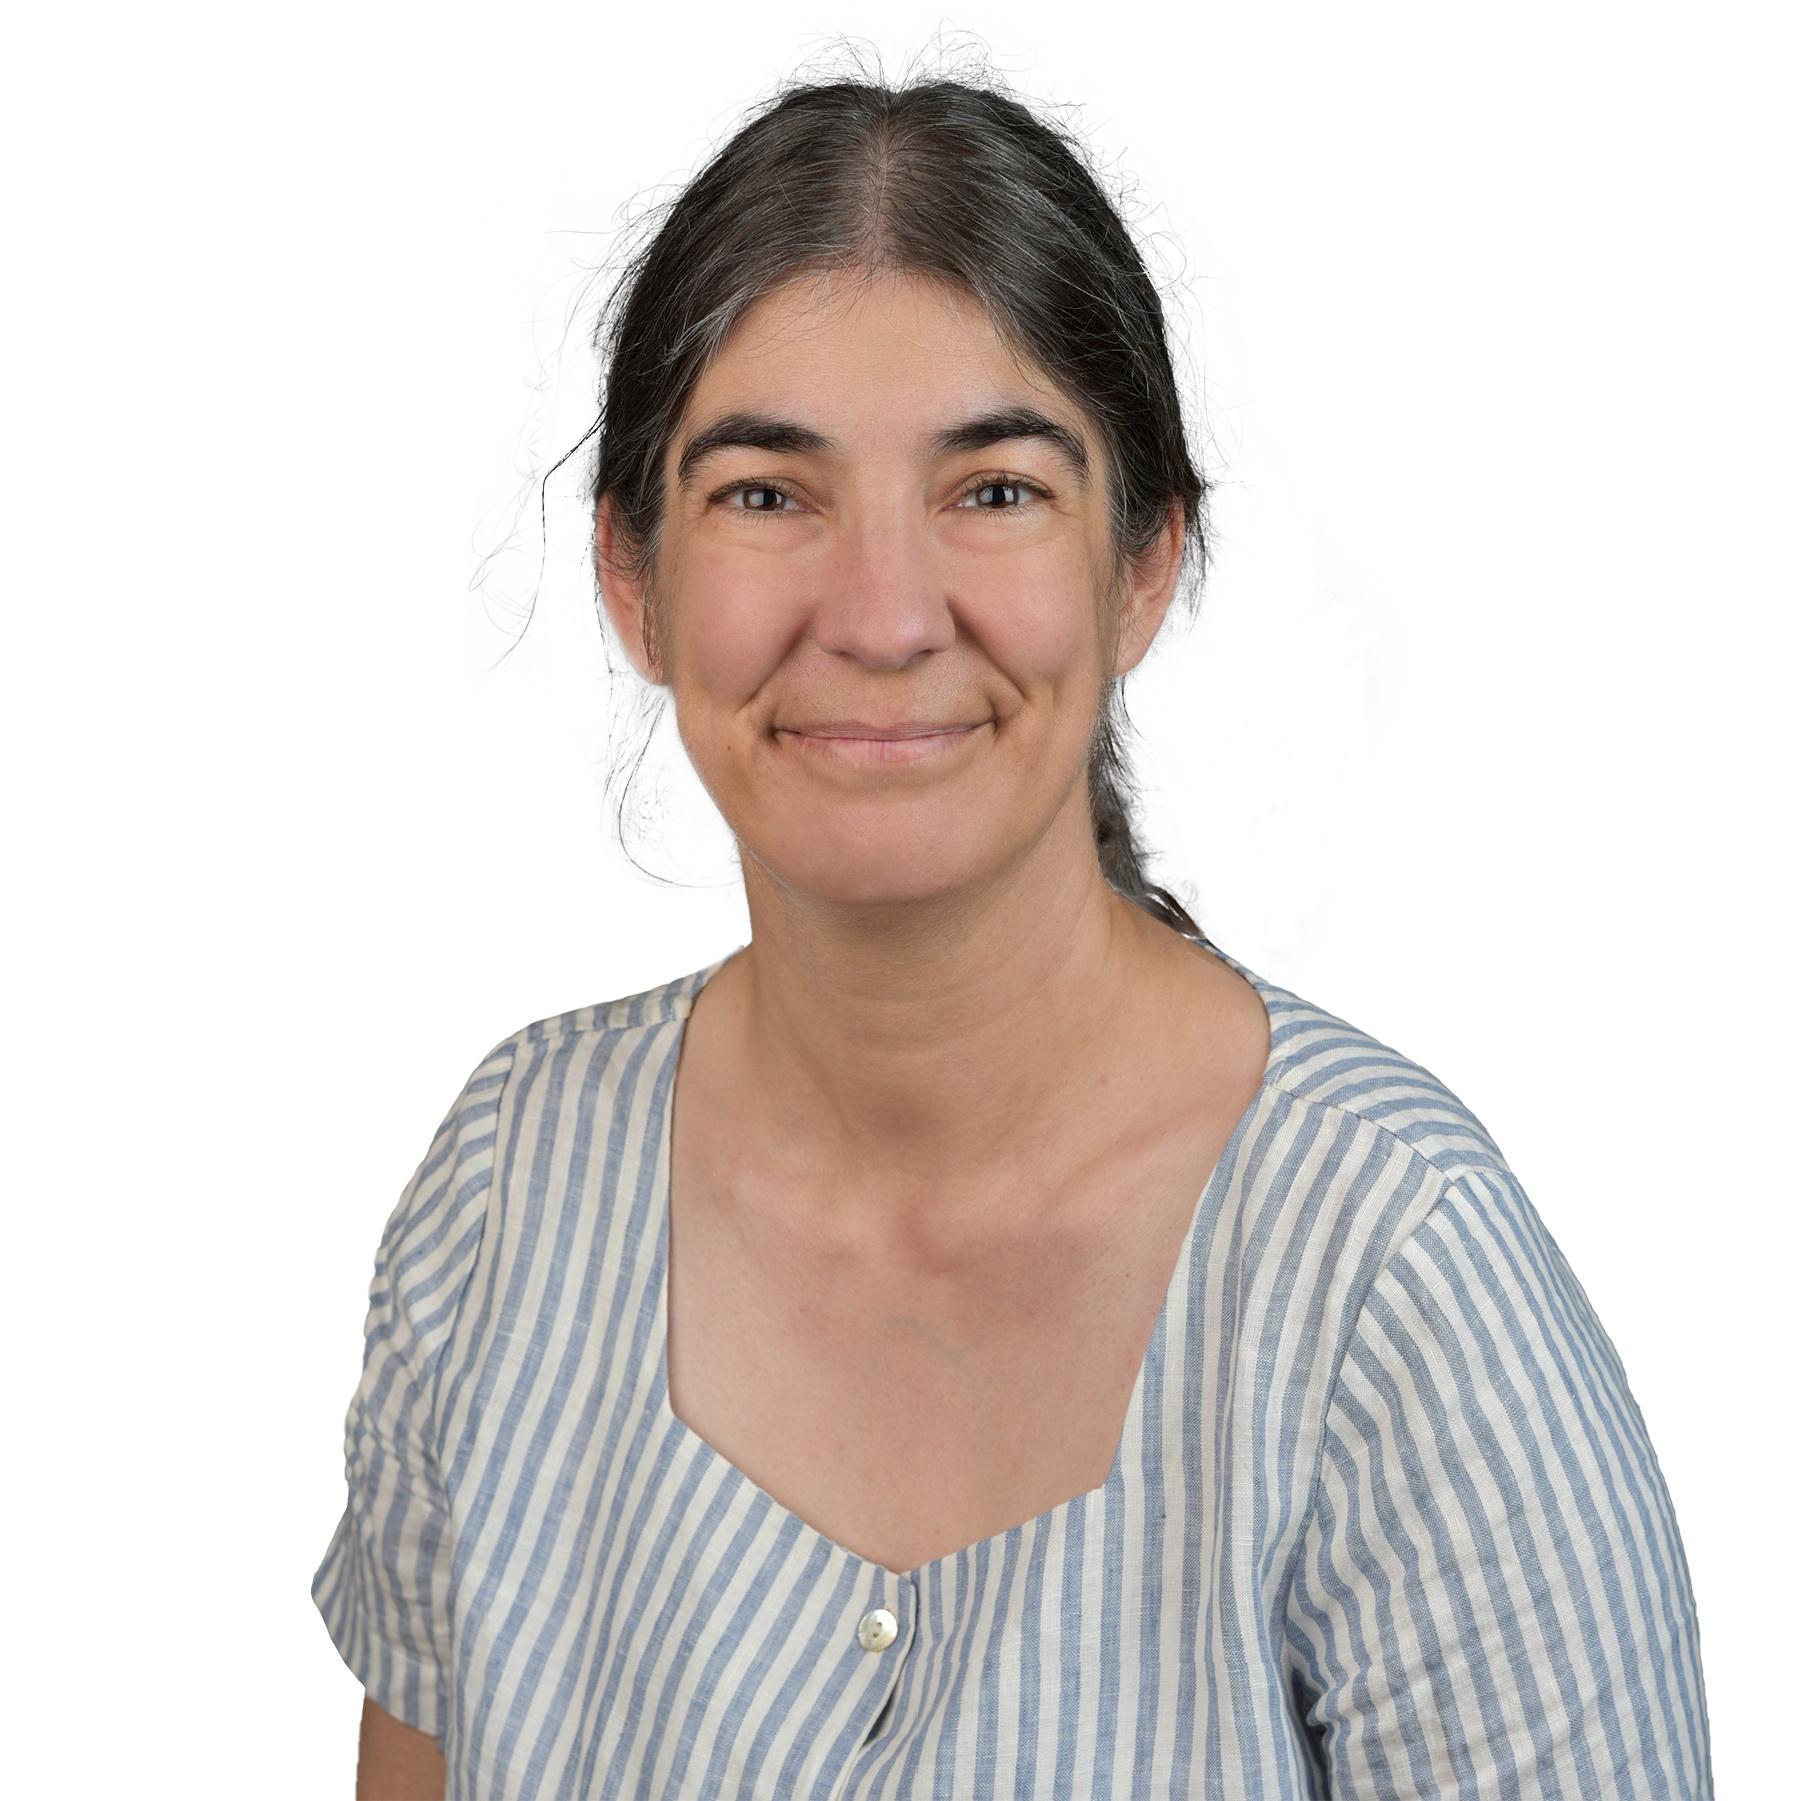 Suna Celenk Qurateam